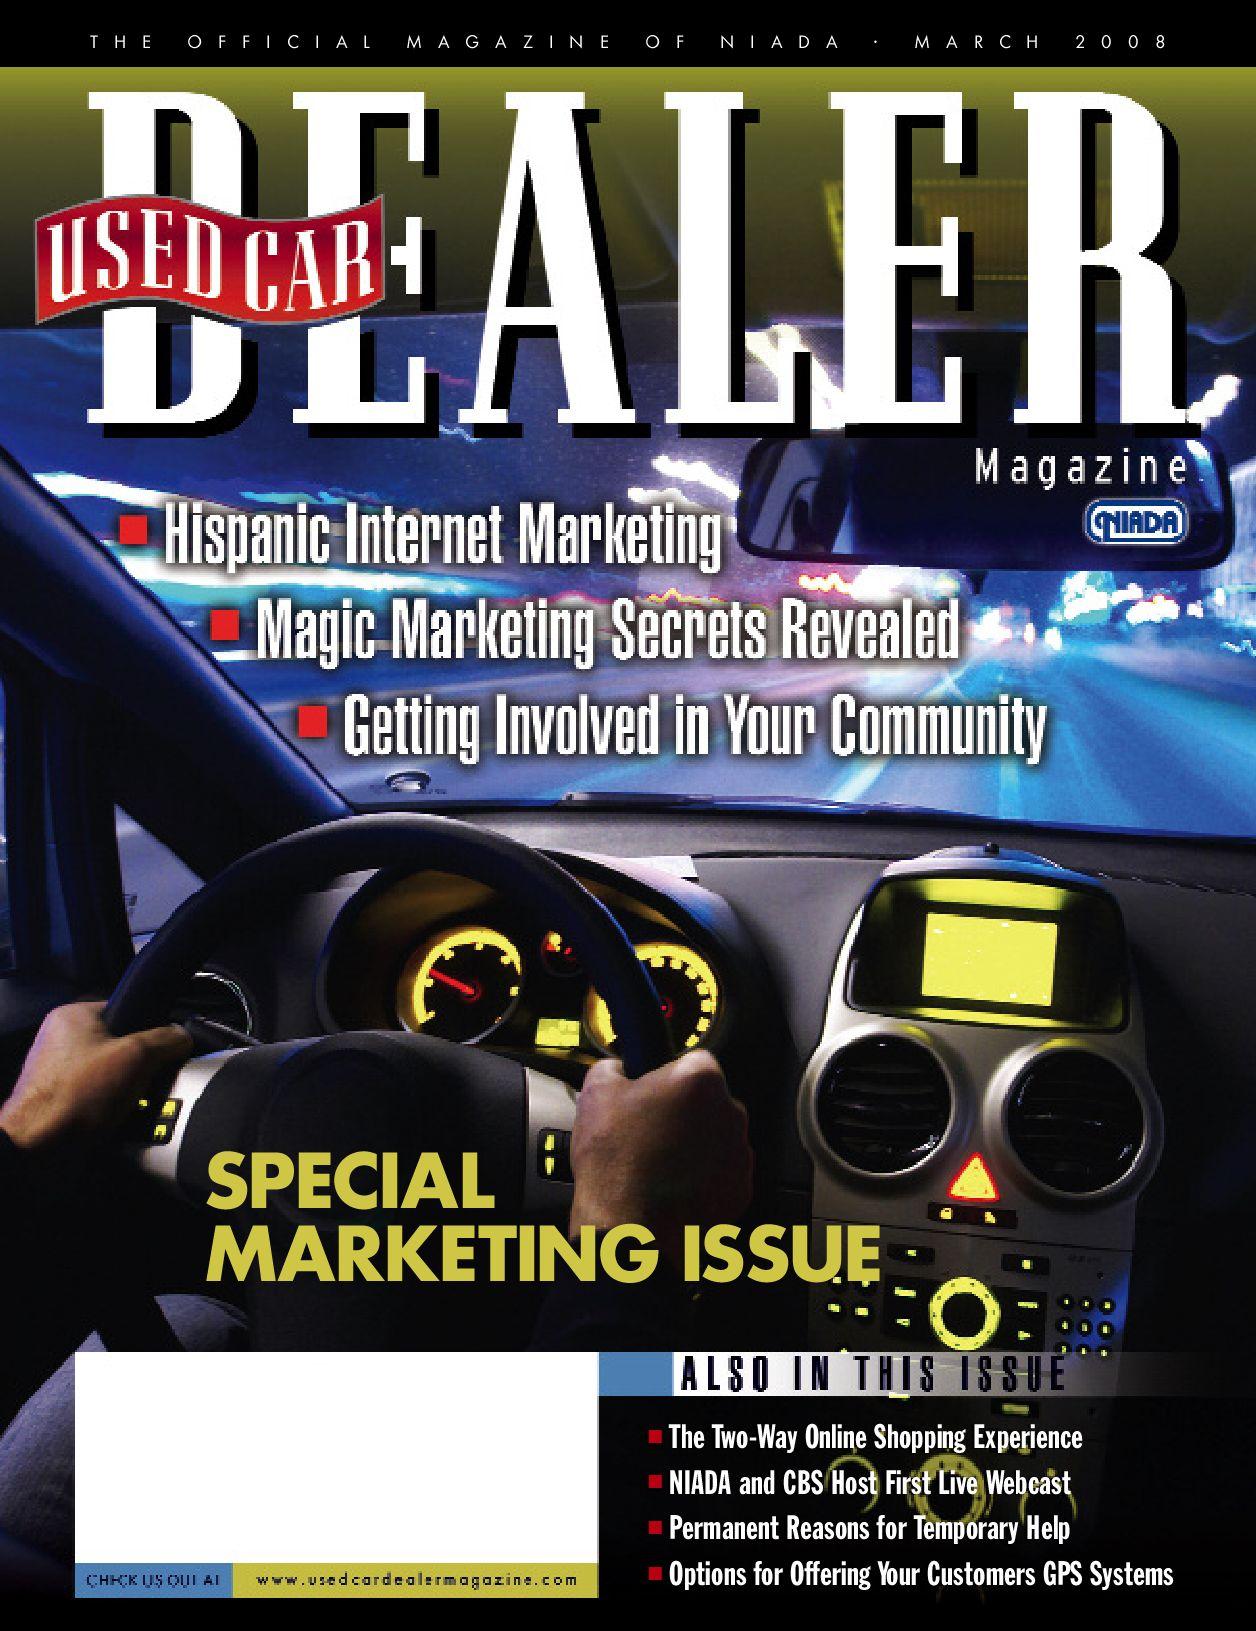 Inc 5506 Interior Steering Column Kit AllSales Mfg